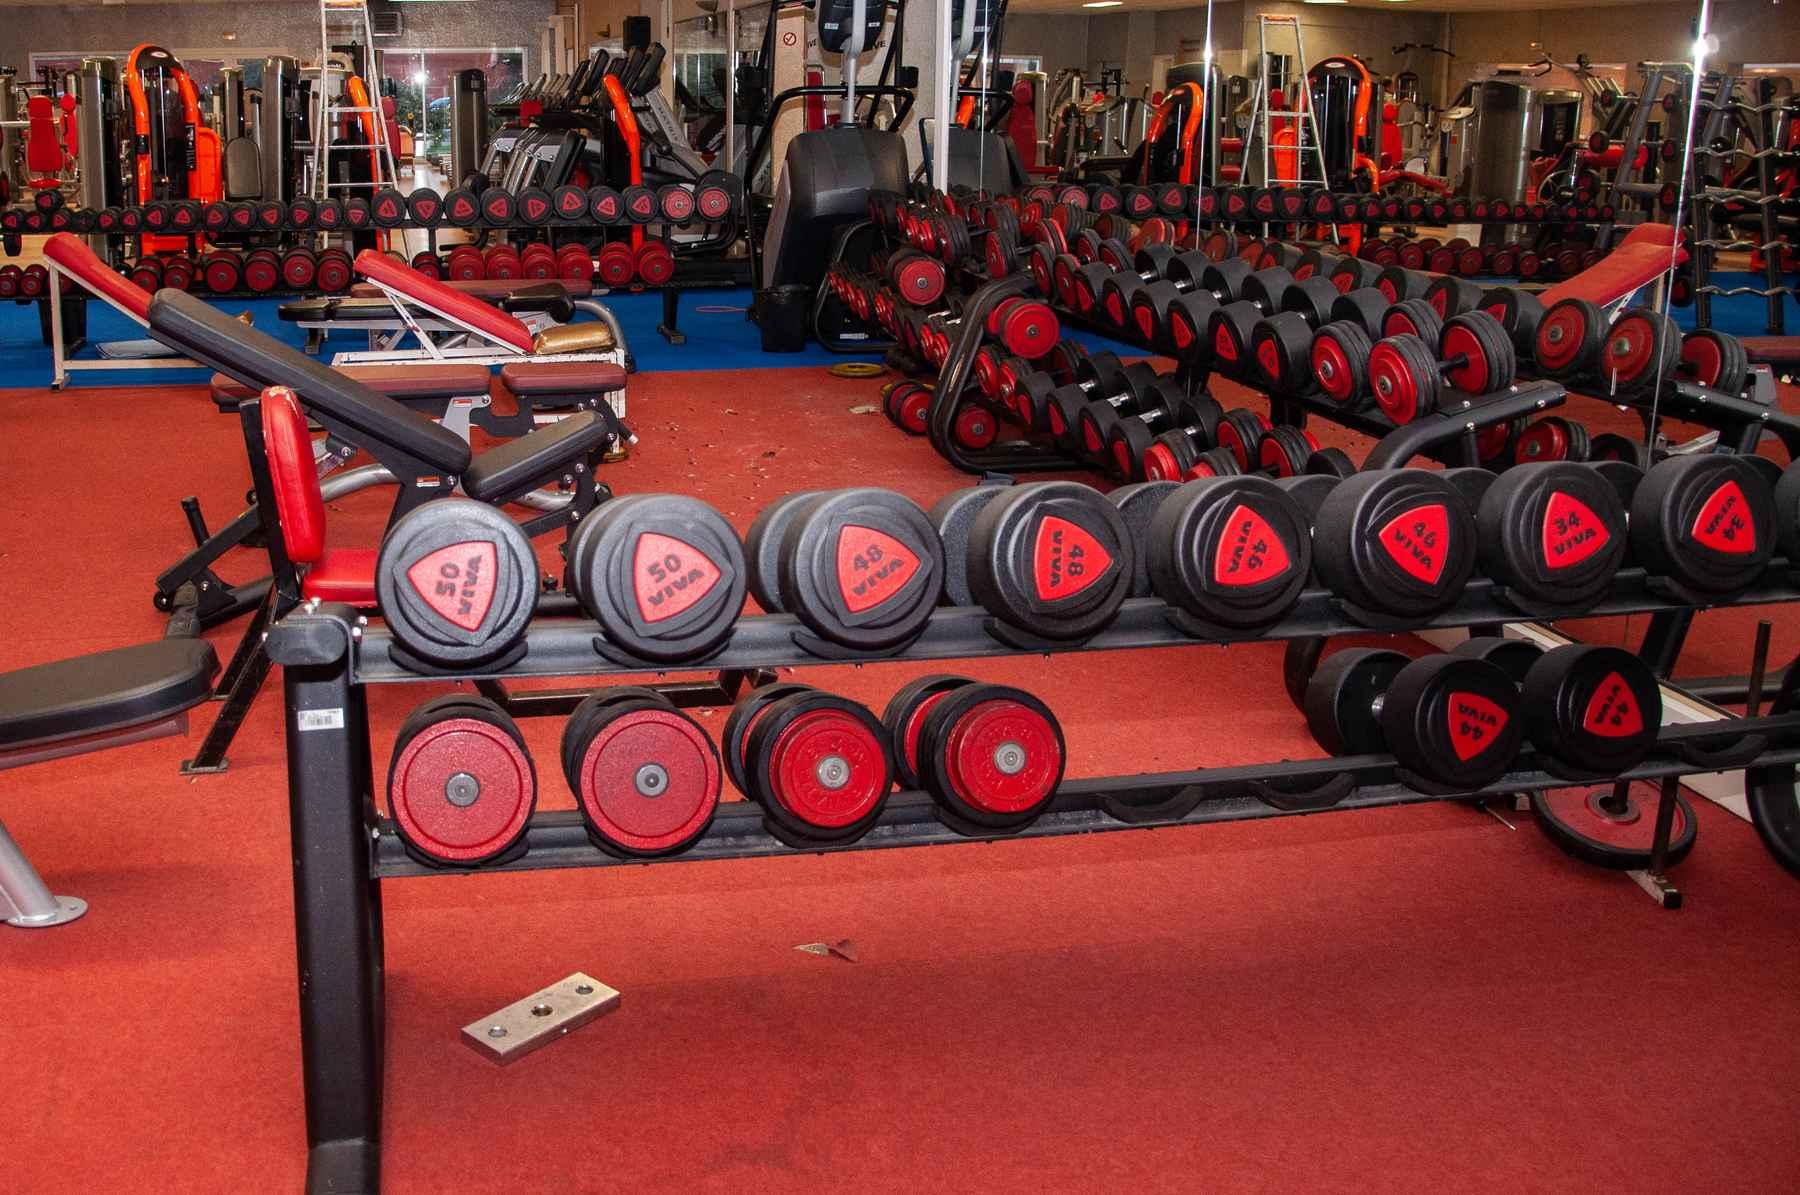 Fleming Sportcenter Club De Sport Fitness Et Remise En Forme A Caen